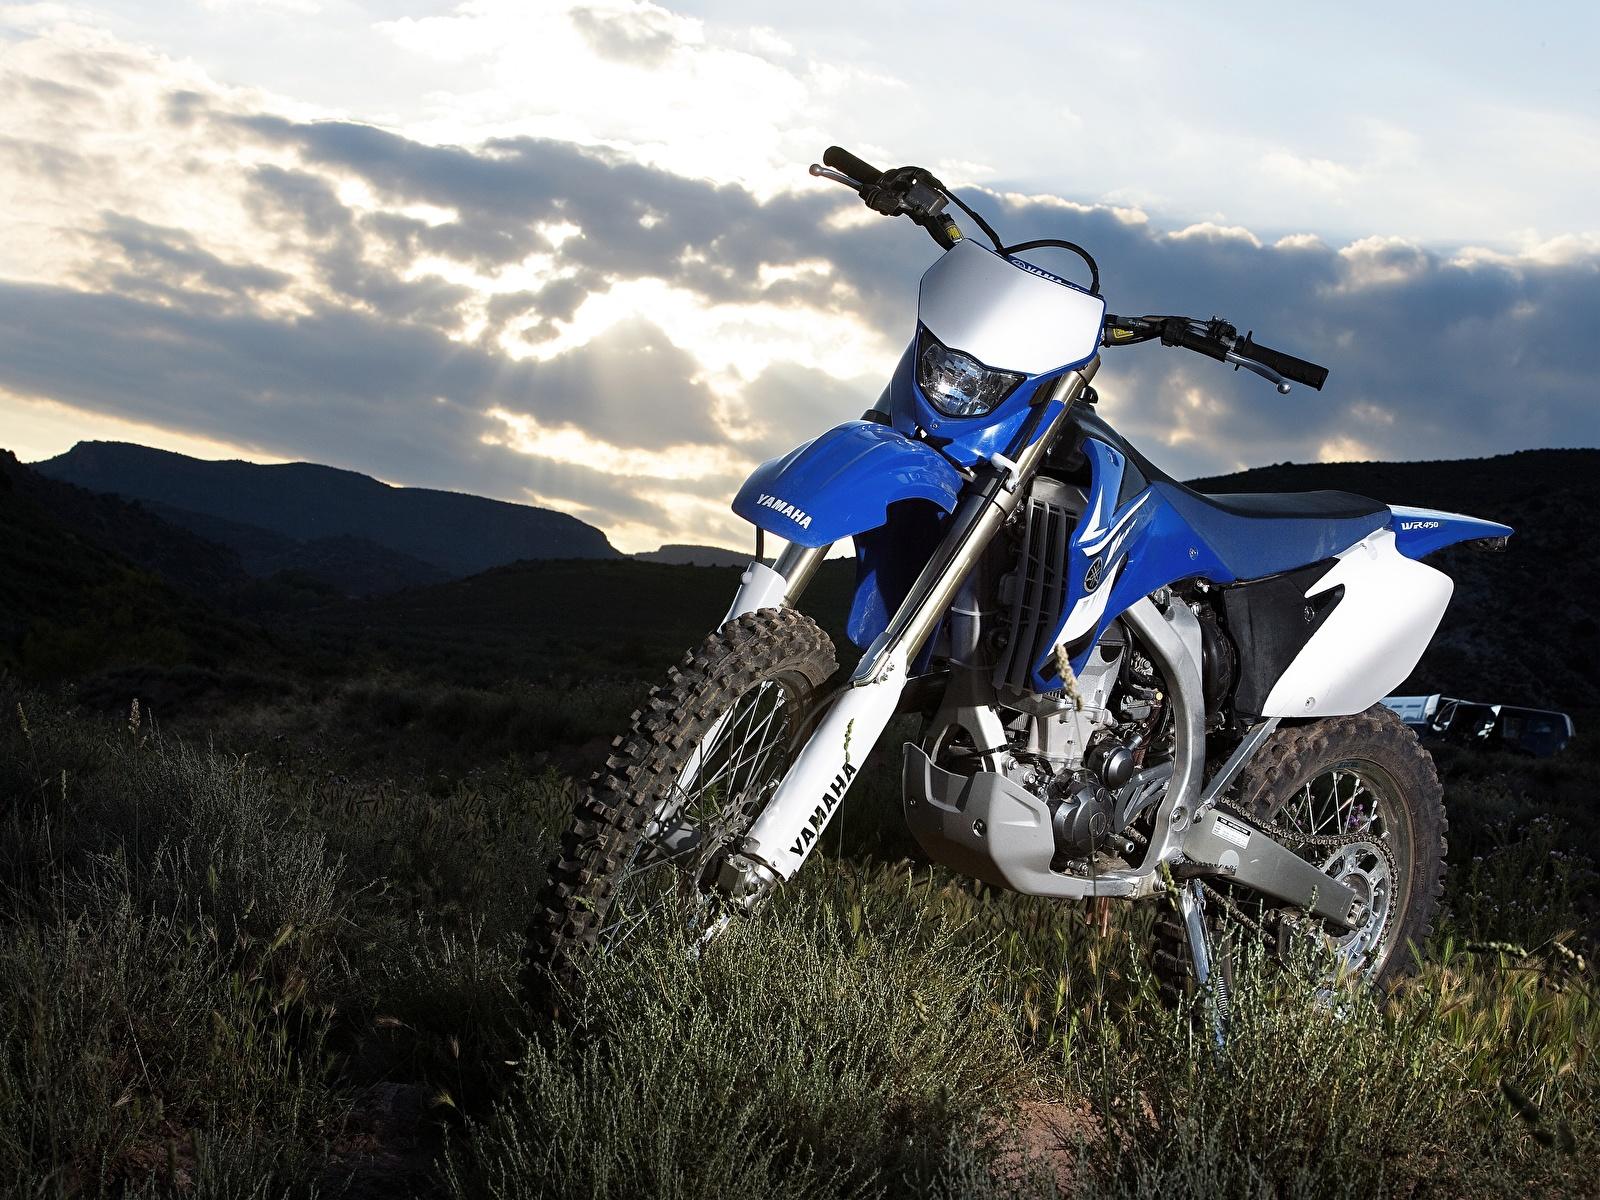 Картинки Ямаха 2007-10 WR450F мотоцикл 1600x1200 Yamaha Мотоциклы